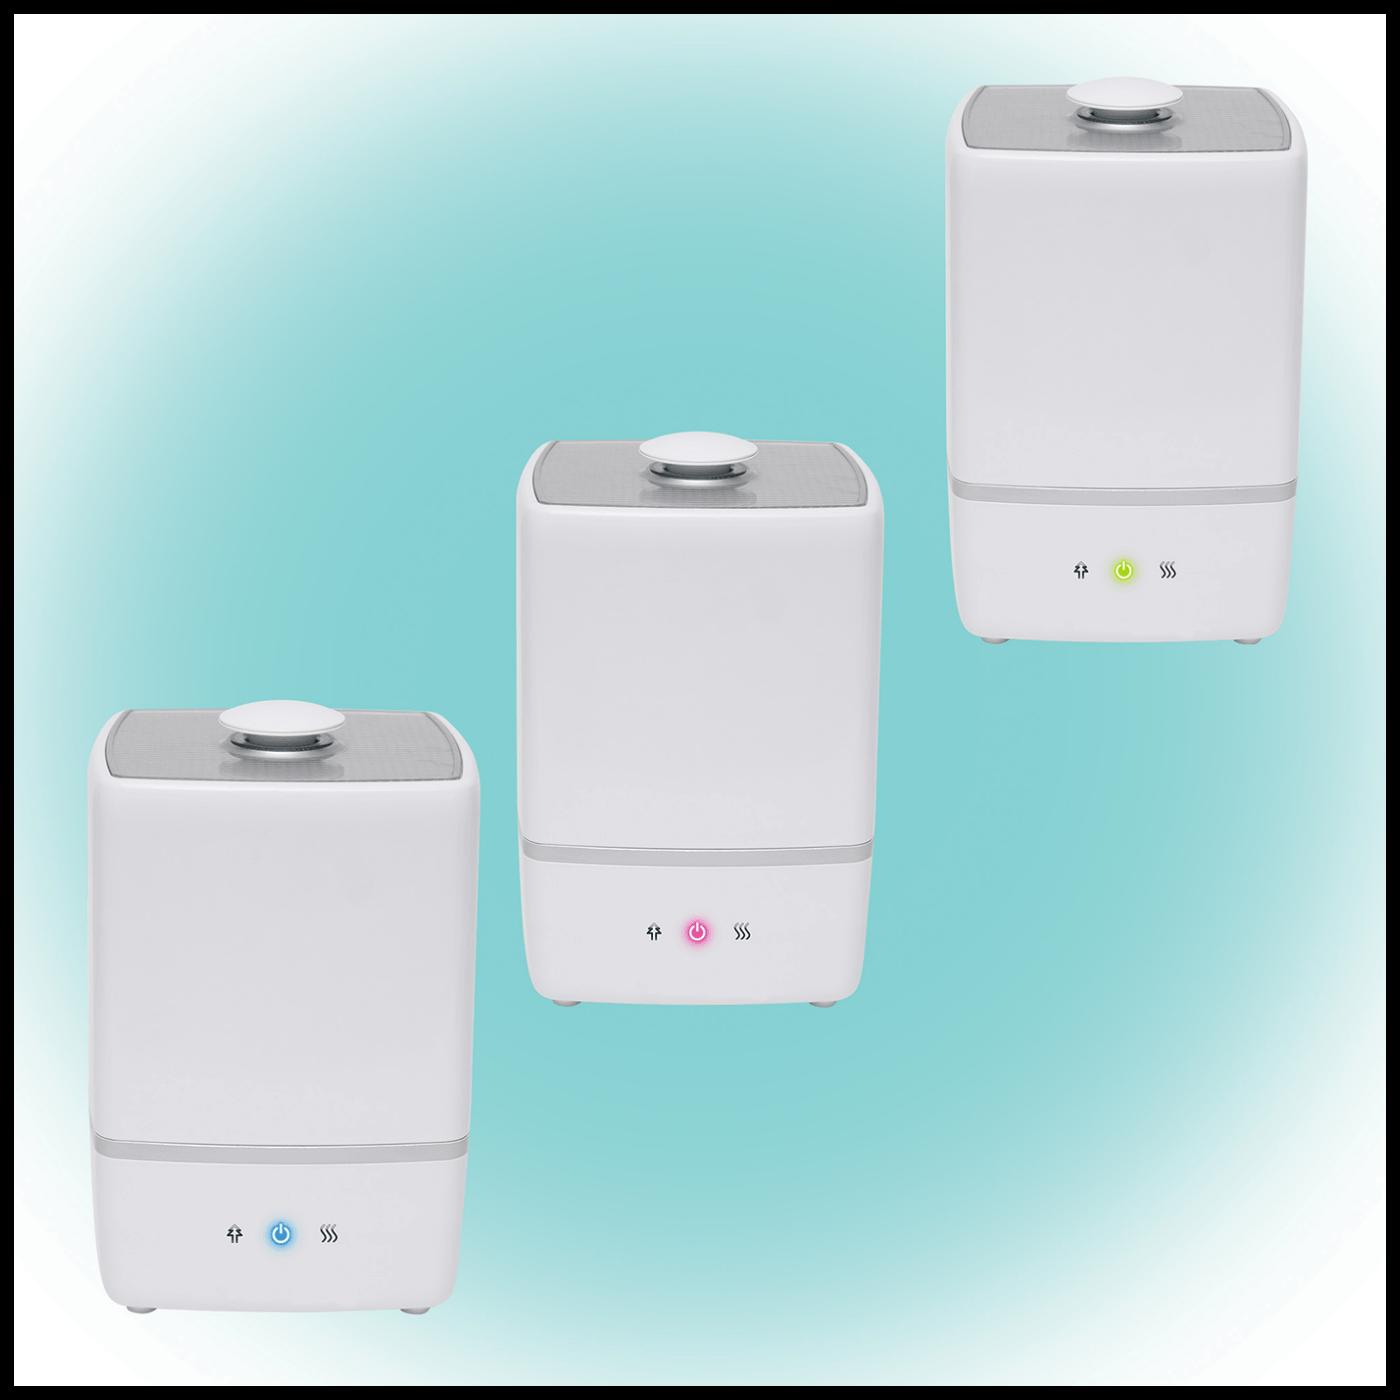 Ultrazvučni toplo/hladni ovlaživač zraka, 30/110 W, 5 lit.